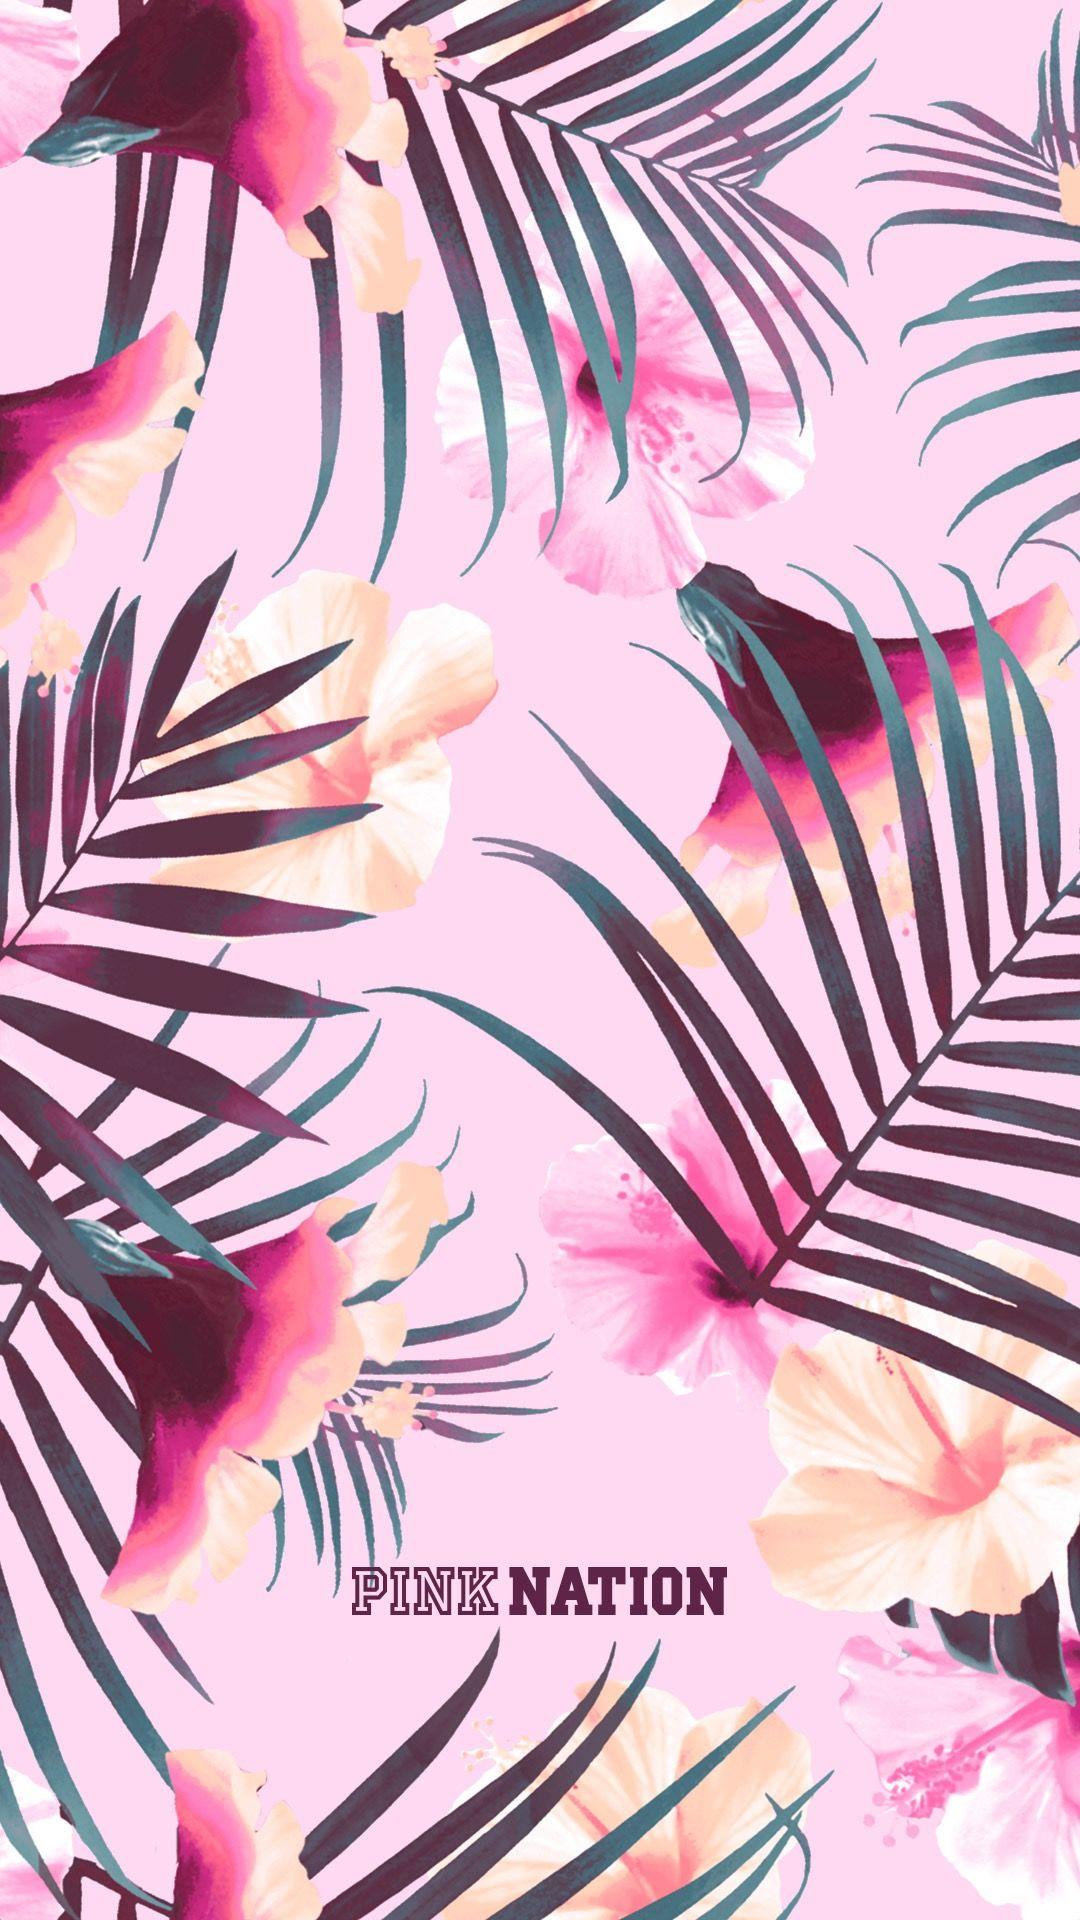 Victoria s Secret PINK Wallpaper pinknation 2017